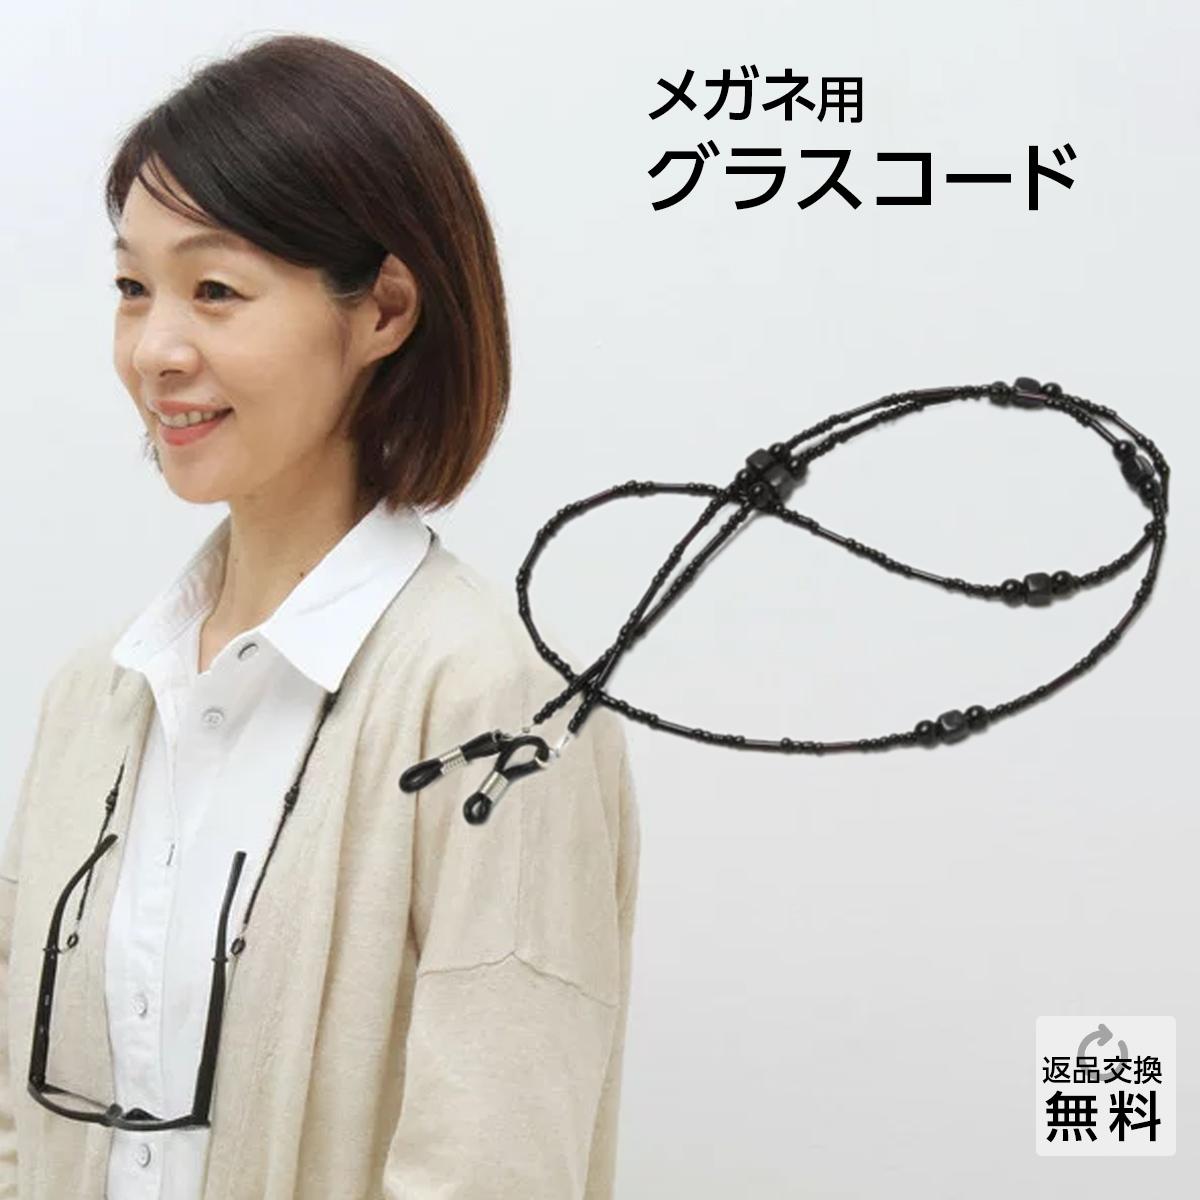 メガネチェーン ストラップ 全商品オープニング価格 グラスコード 眼鏡チェーン おしゃれ ブラック メガネコード 1着でも送料無料 GC-003 メガネホルダー 軽い